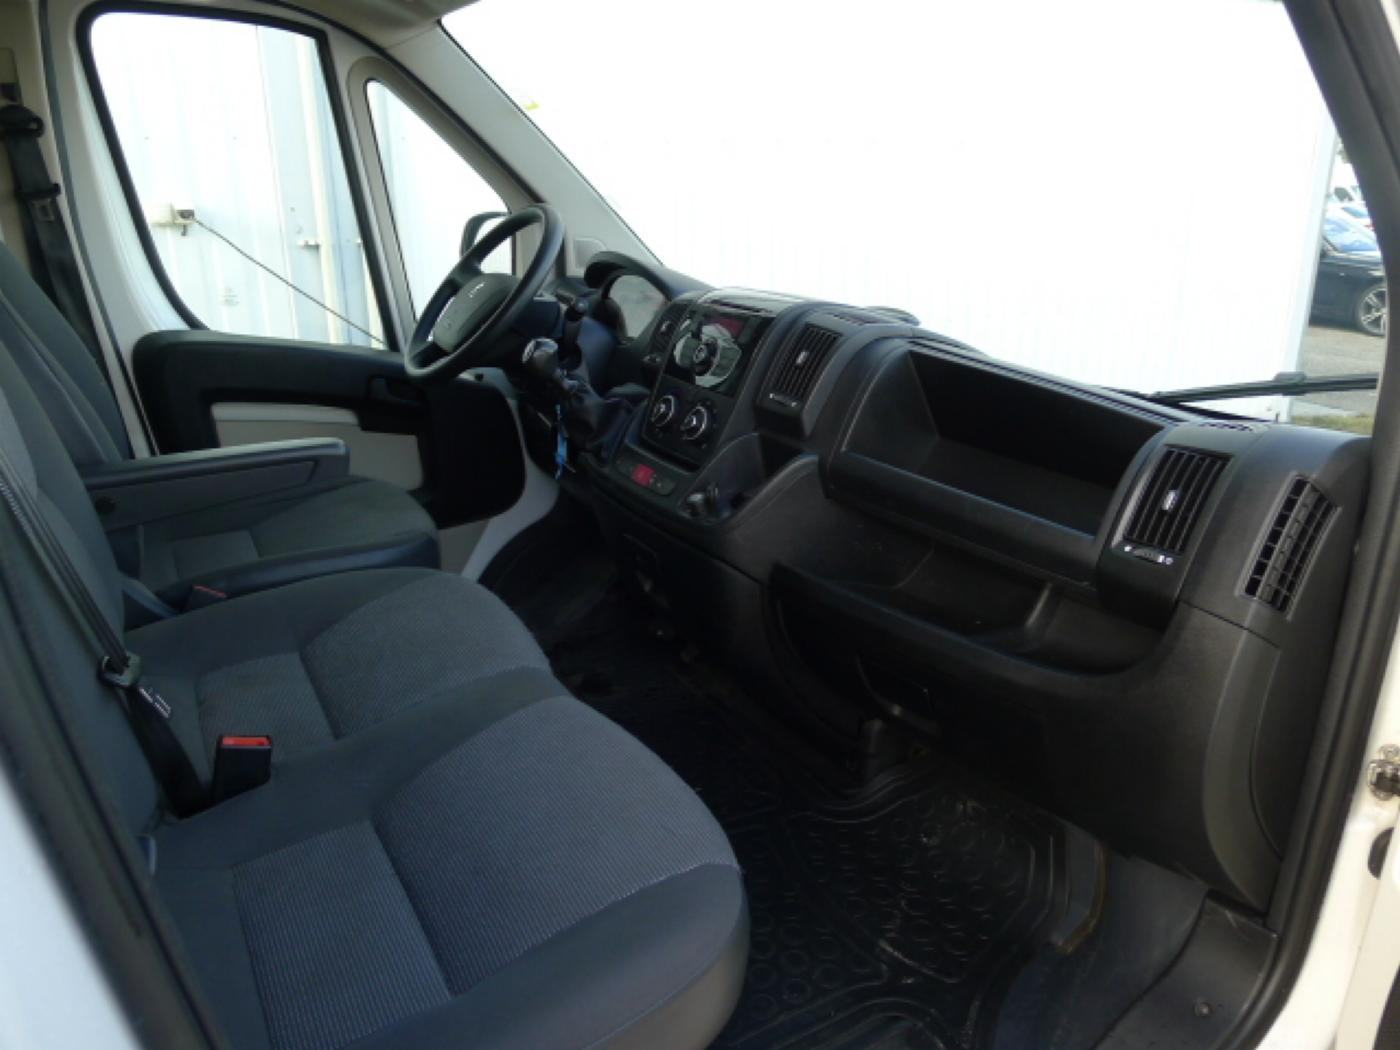 Peugeot Boxer 2,2 HDI Maxi L3H2 +Klima Akce!!! - 11